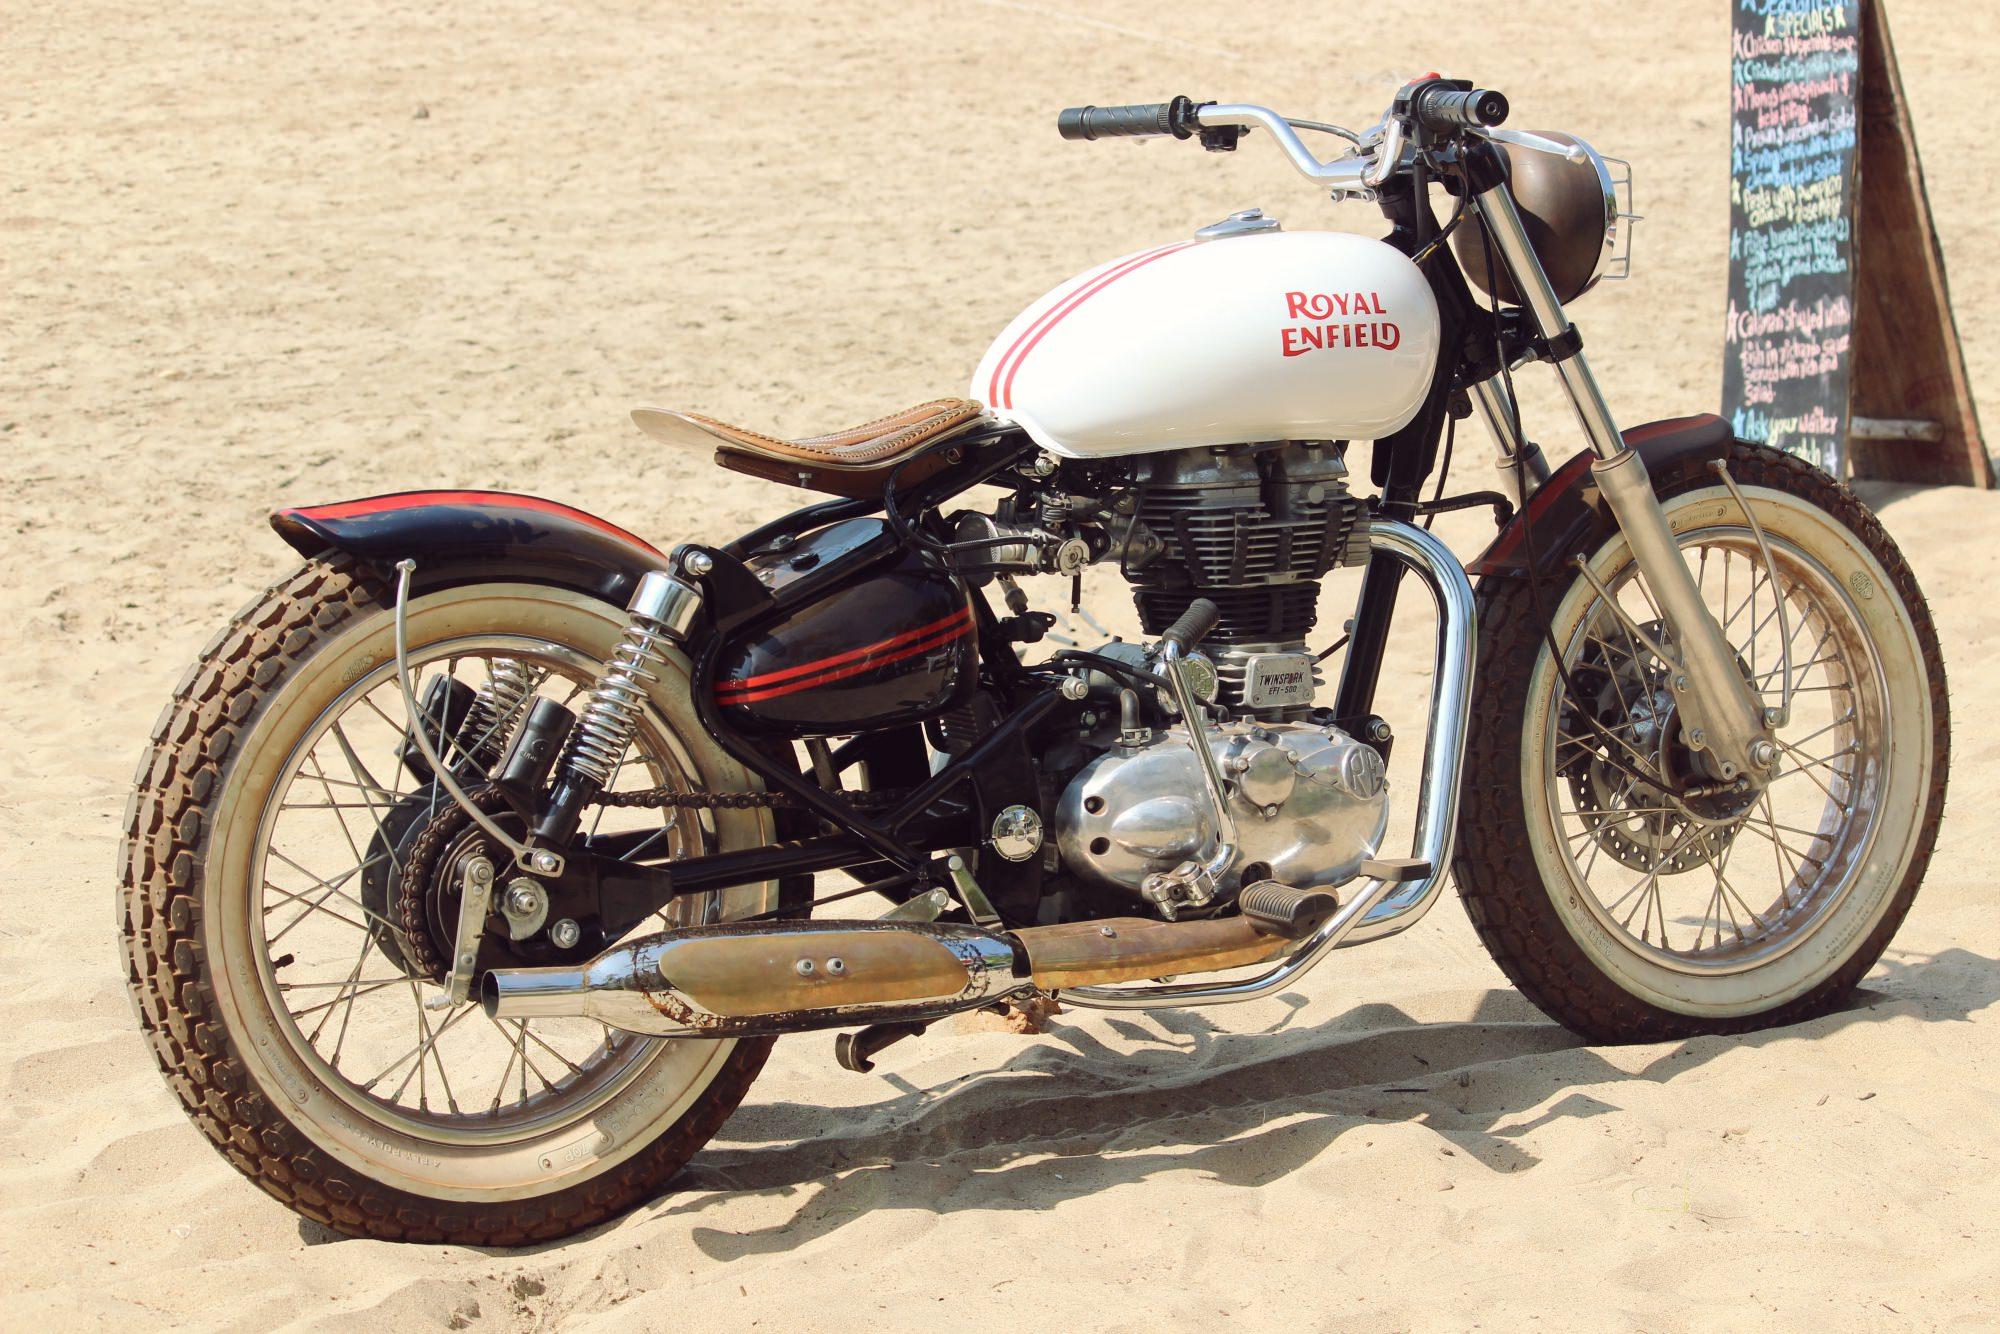 royal-enfield-motorcycle-custom-7.jpg